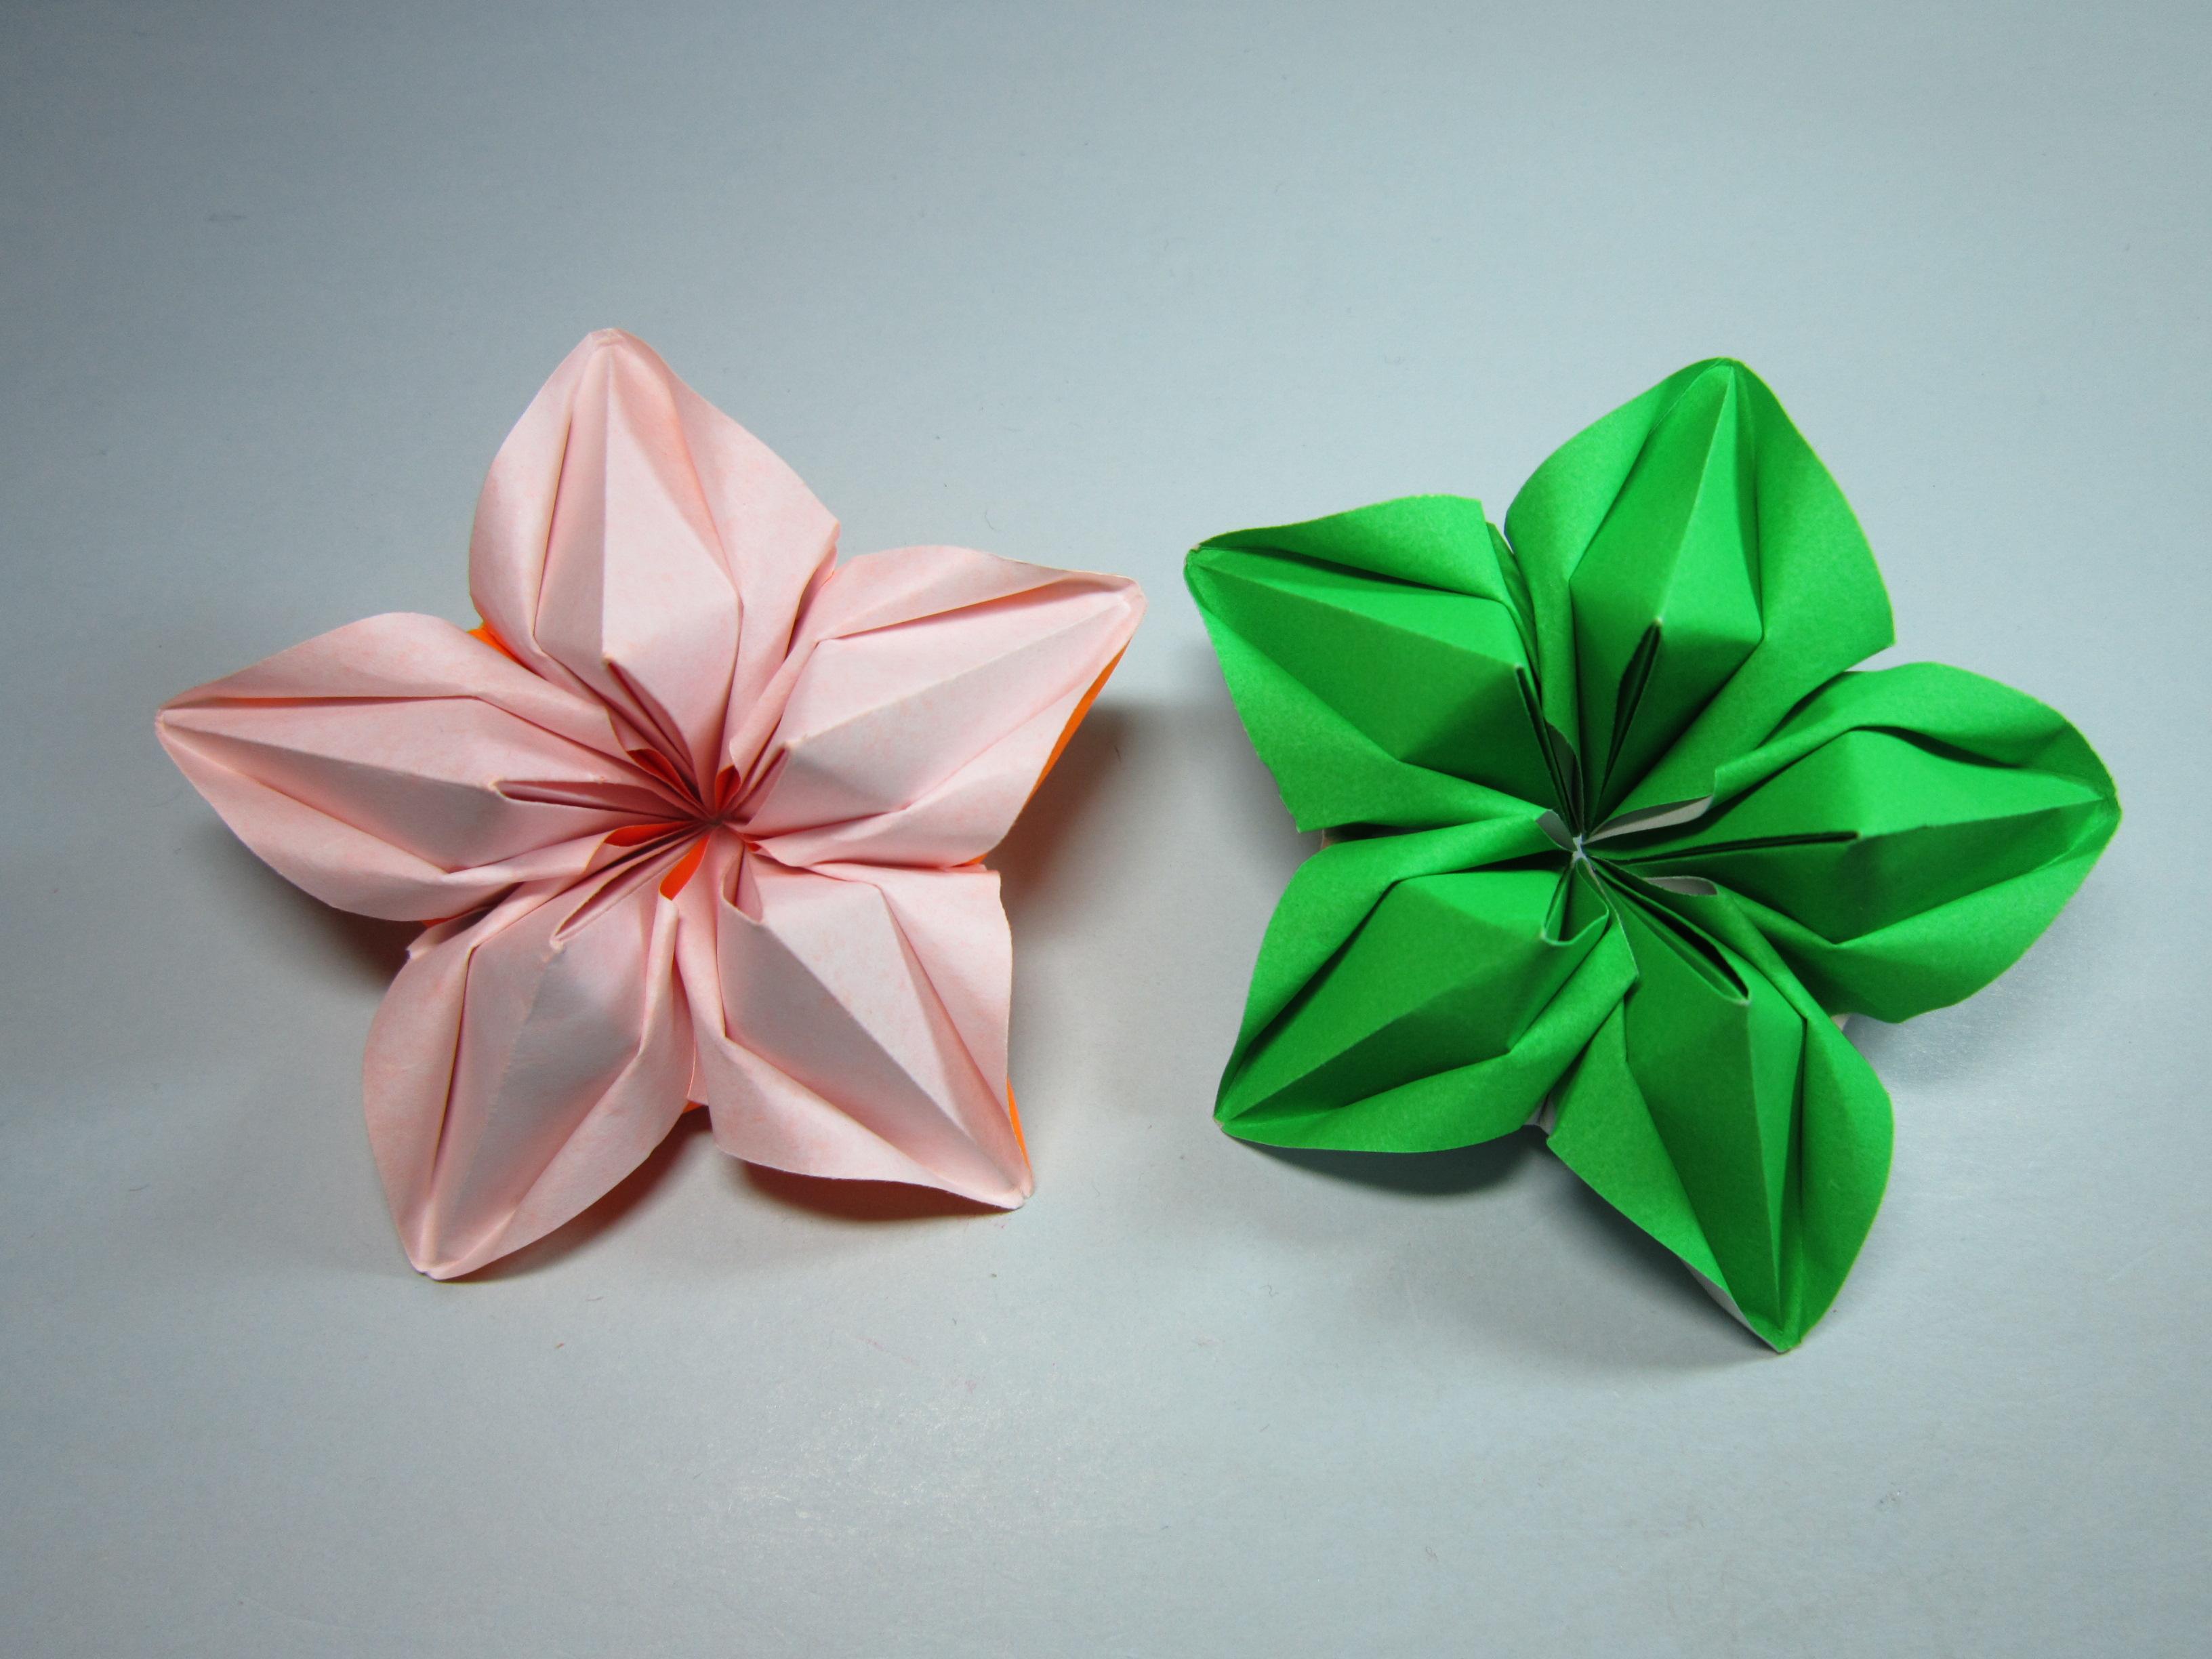 儿童手工折纸杨桃花,简单美丽杨桃花的折法教程-手工折纸大全 手工.